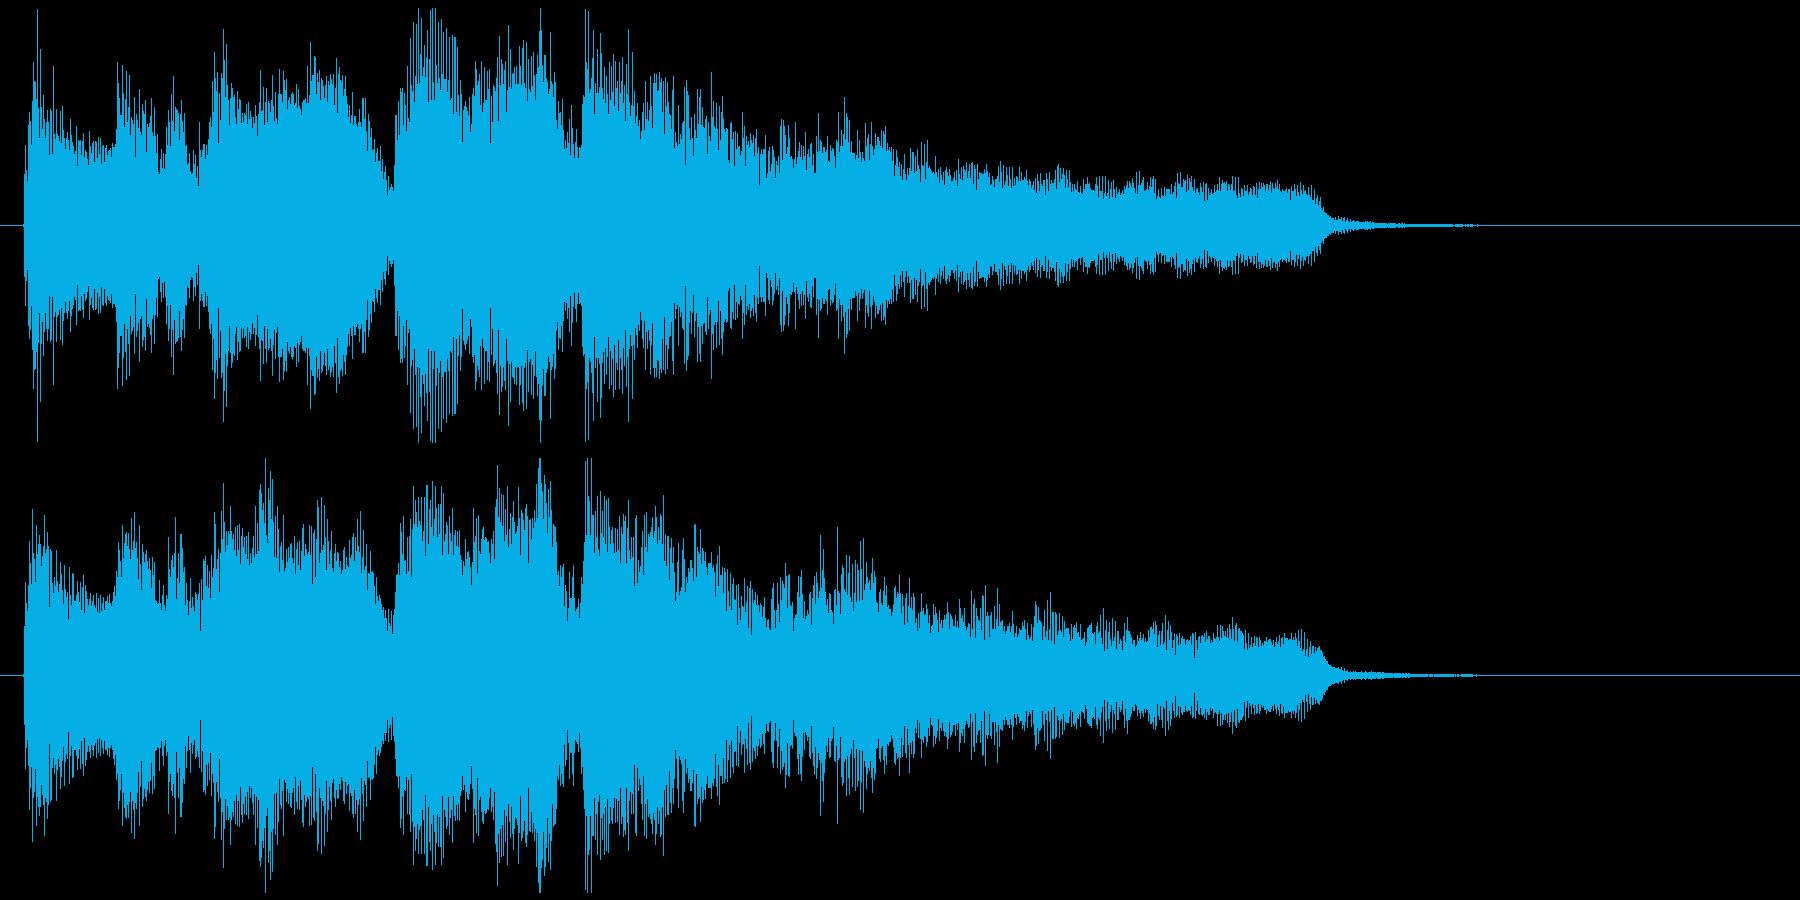 ボサノバのジングル、優しい音色のサックスの再生済みの波形